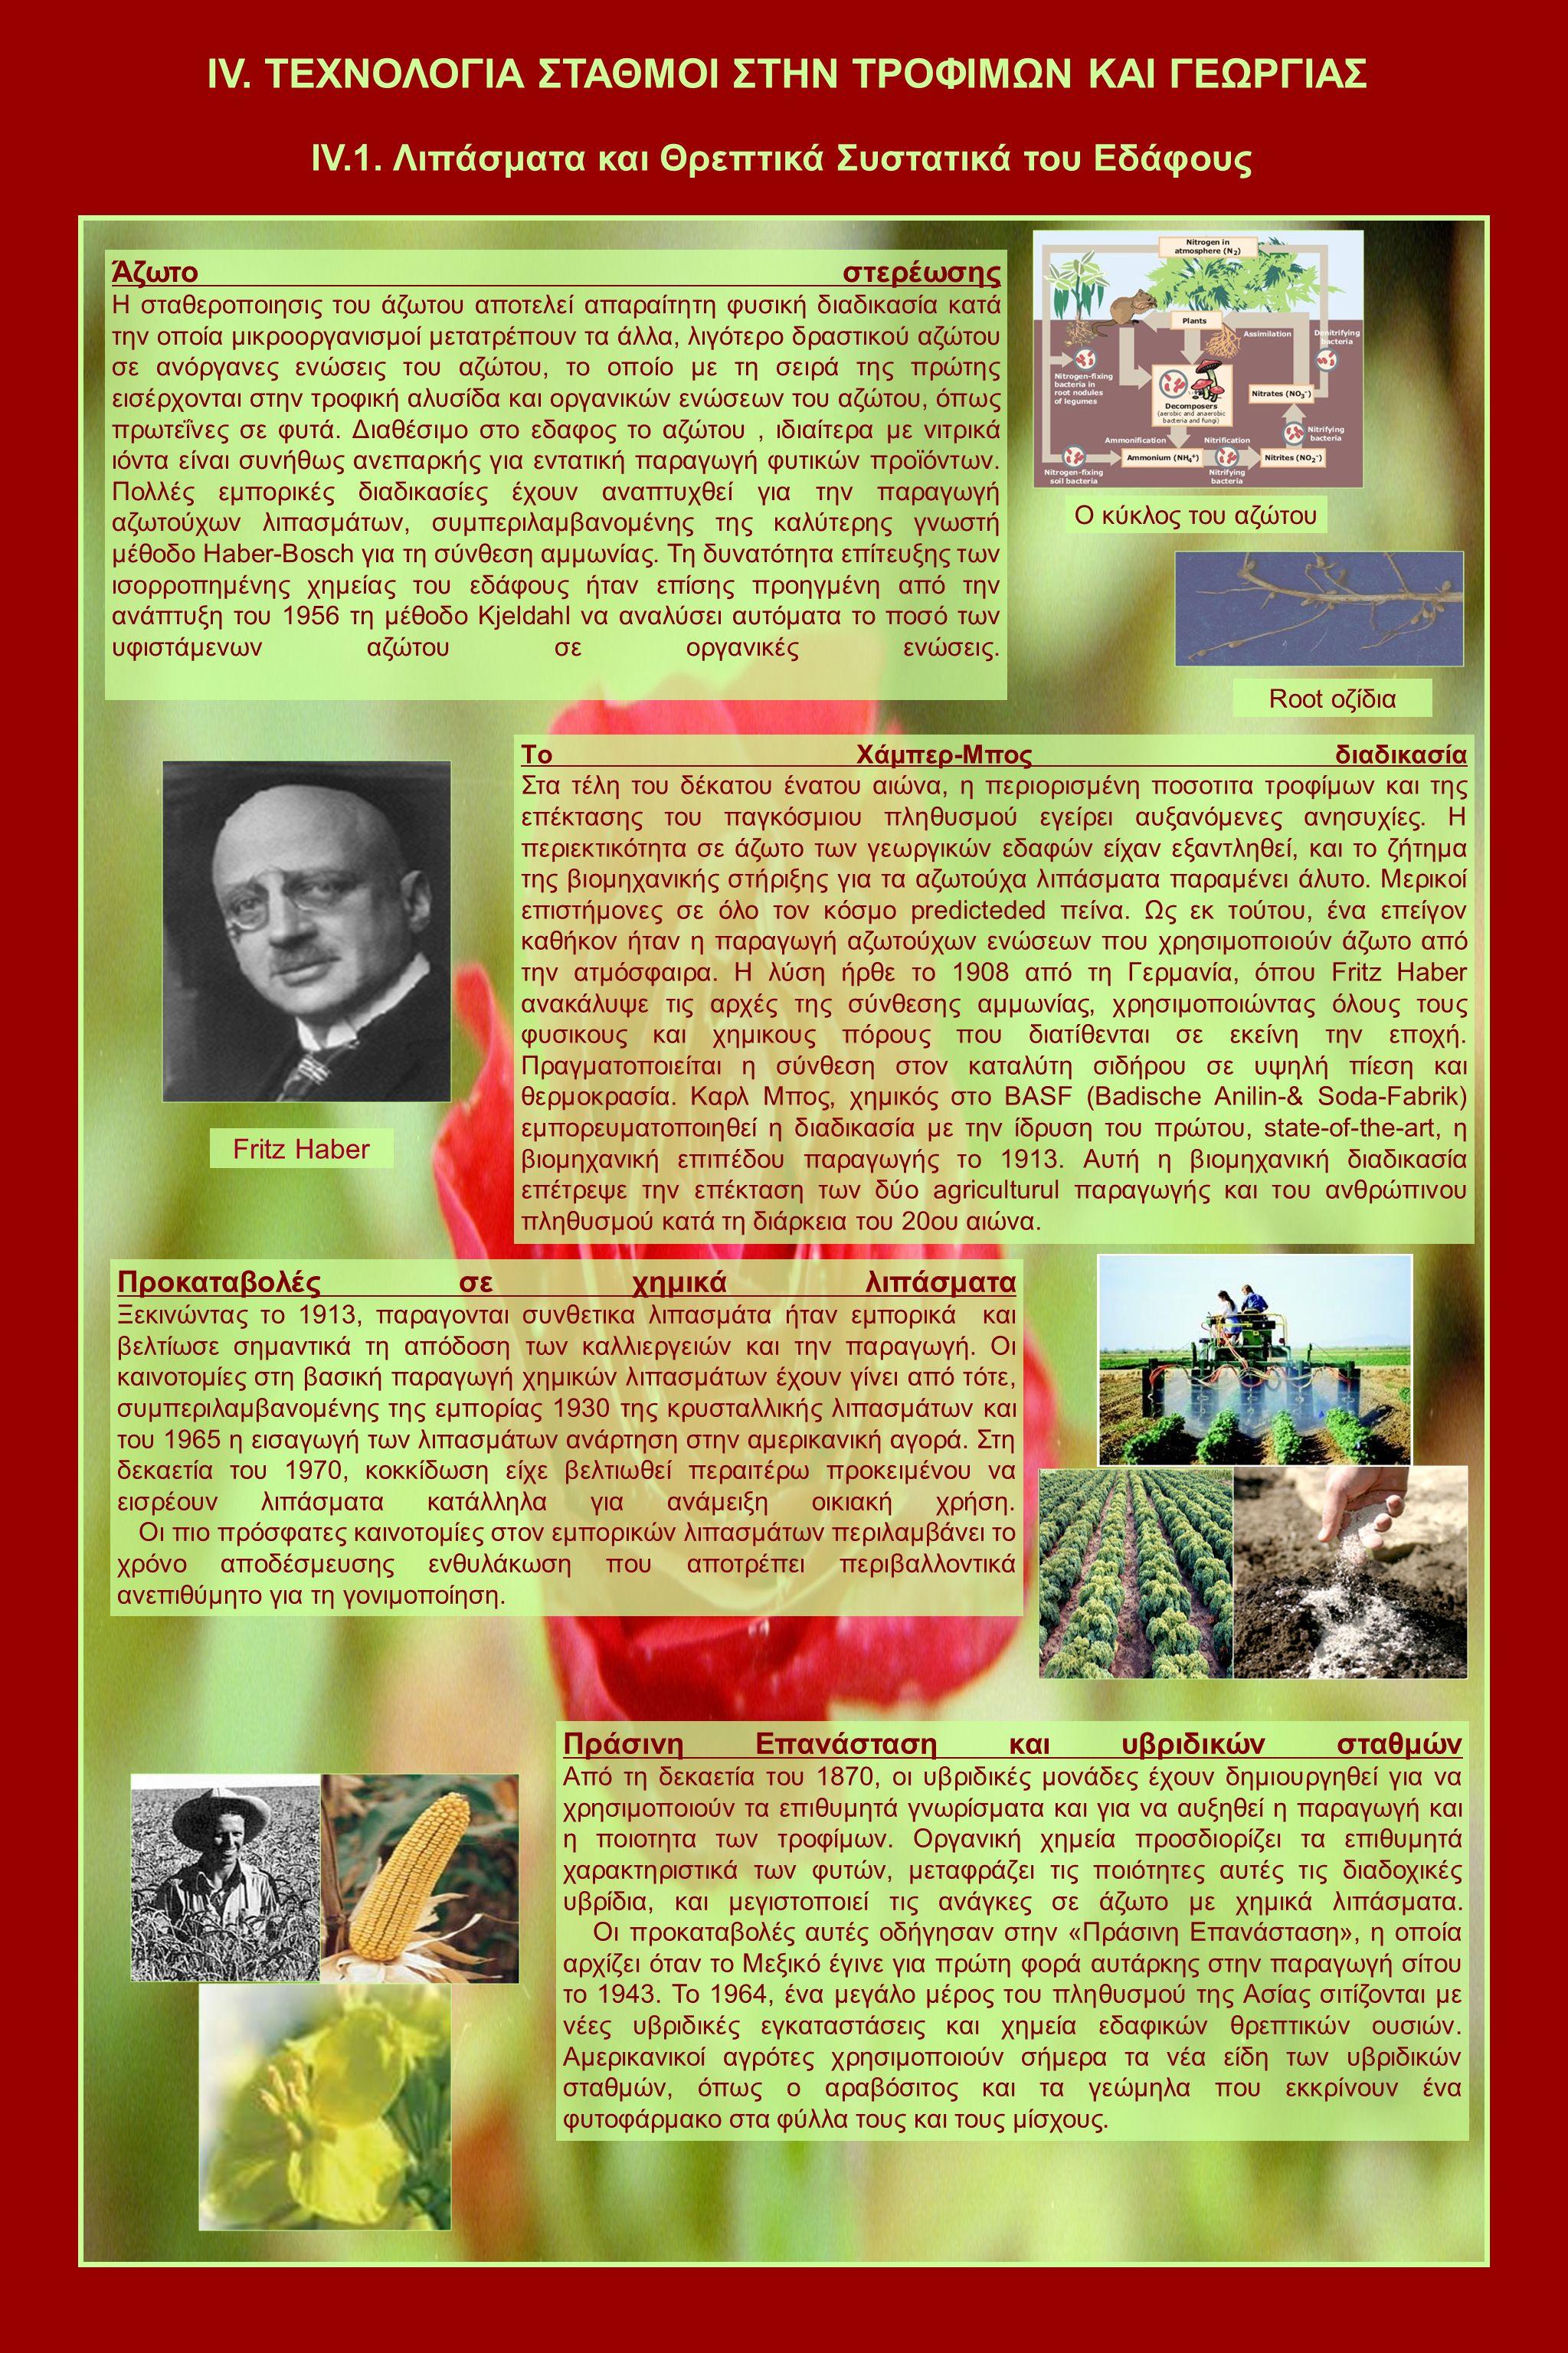 Μεθοδος Bordeaux και μυκητοκτόνα Το 1882, Γάλλος βοτανολόγος Pierre ΜΑ Millardet απασχολούνο σε υδατικό διάλυμα θειικού χαλκού και υδράσβεστο είναι διαλυμένα σε νερό (το μίγμα Bordeaux), την αποτελεσματική καταπολέμηση της μούχλας στα γαλλικά αμπέλια.